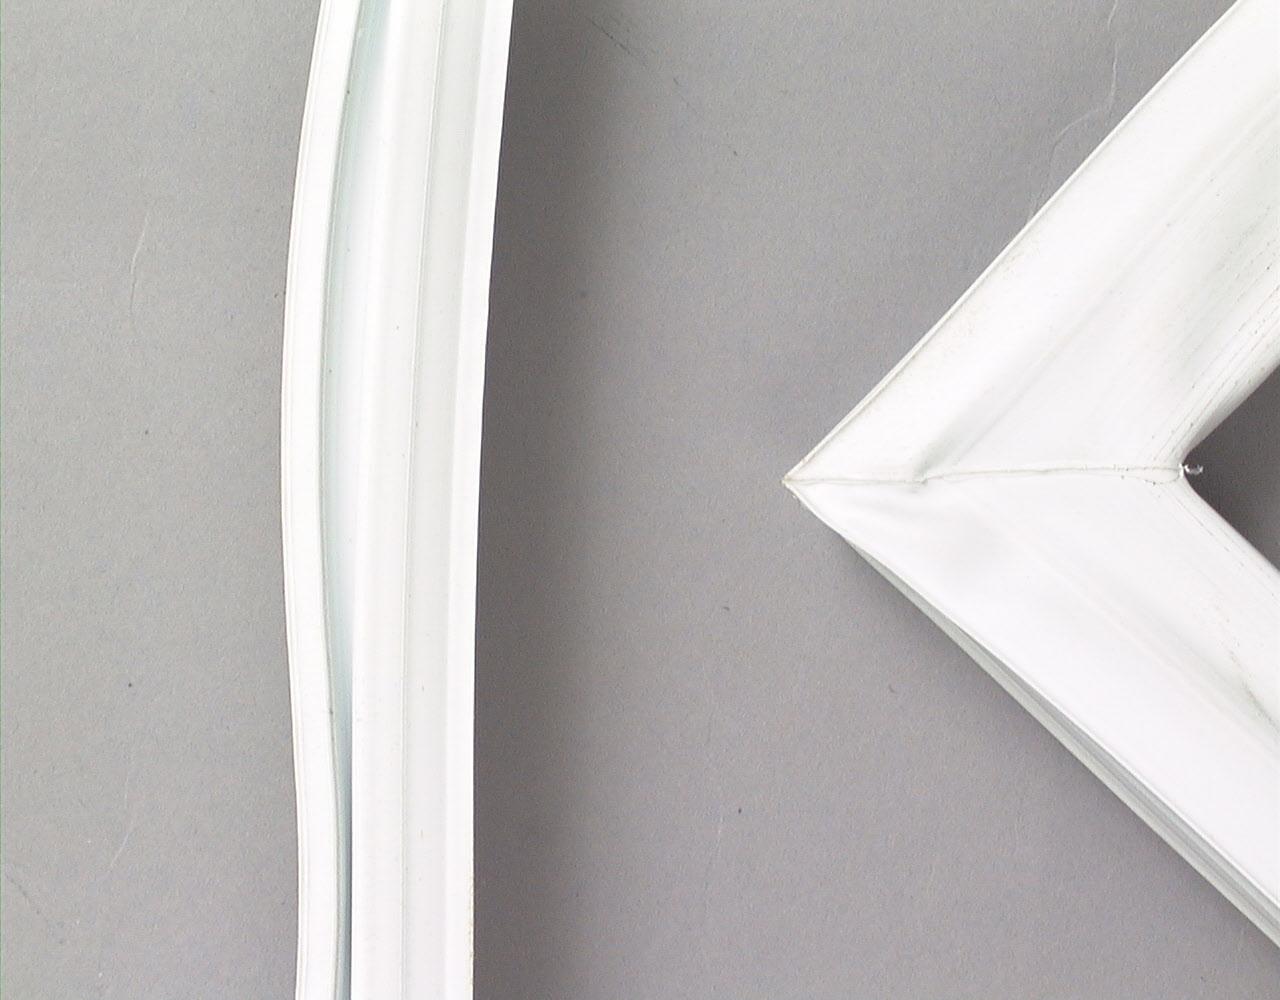 Kenmore Freezer Part # 5304507201 - Door Gasket